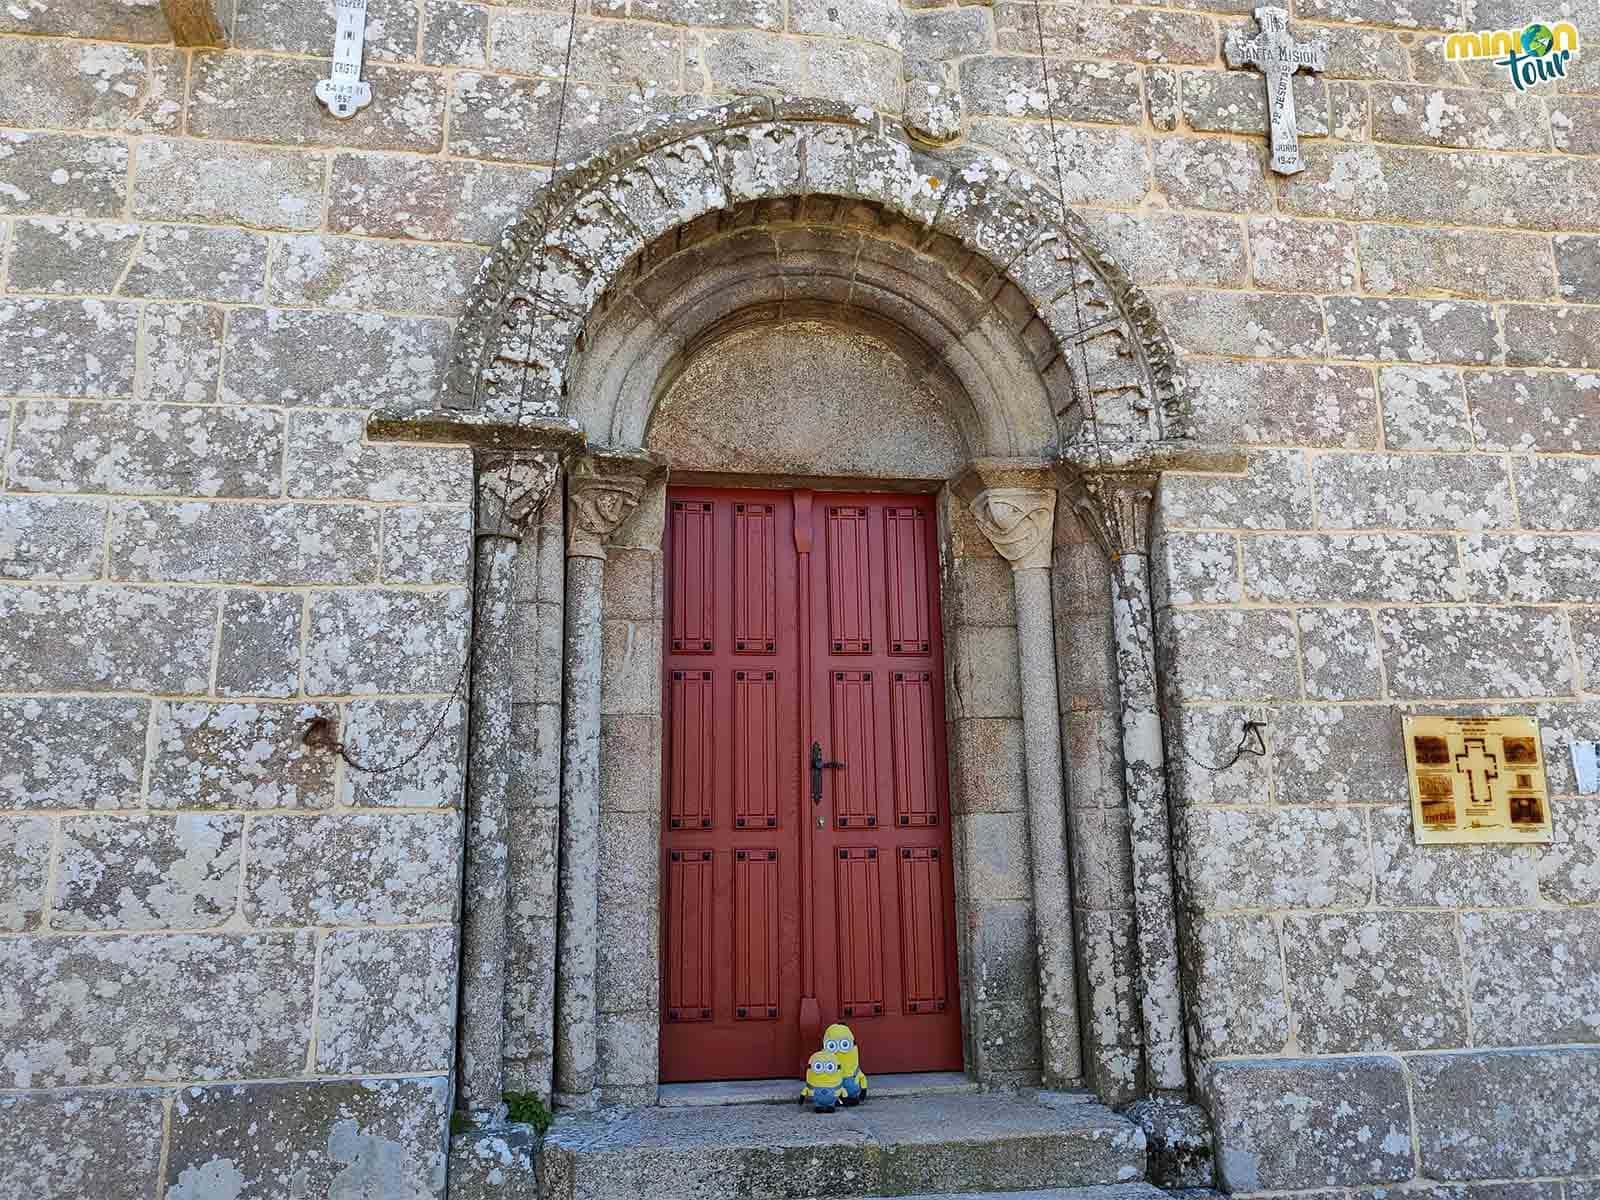 La portada principal es uno de los elementos románicos que podemos ver en esta iglesia